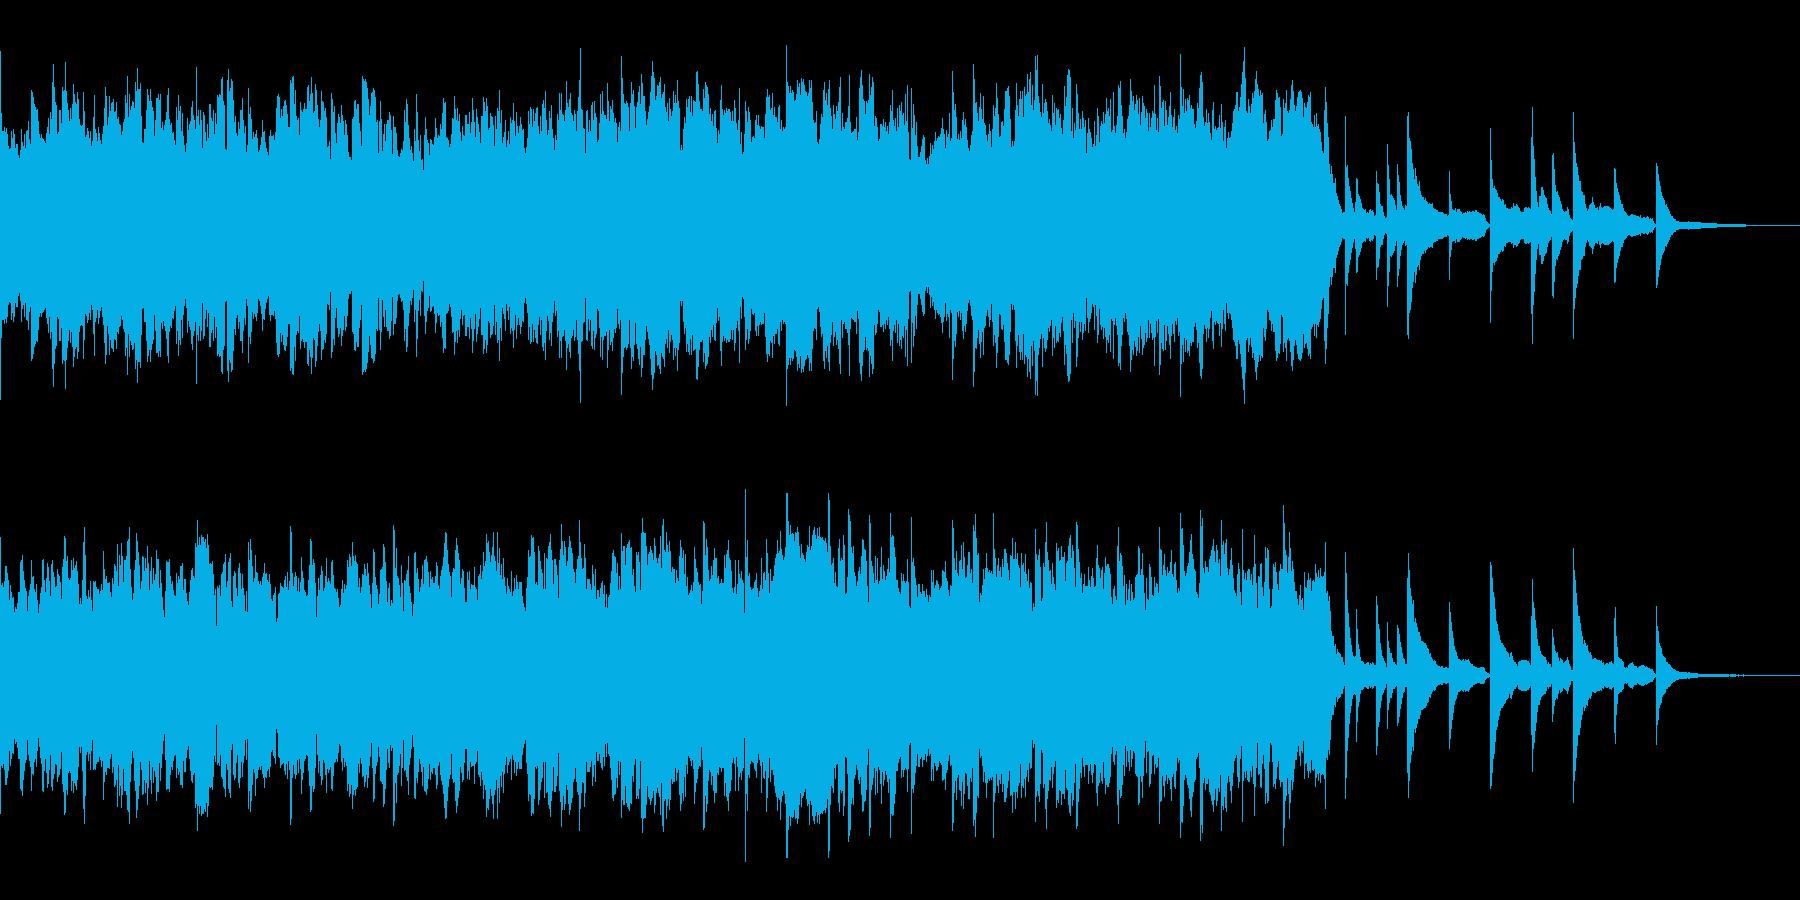 ピアノバラード サウンドロゴの再生済みの波形